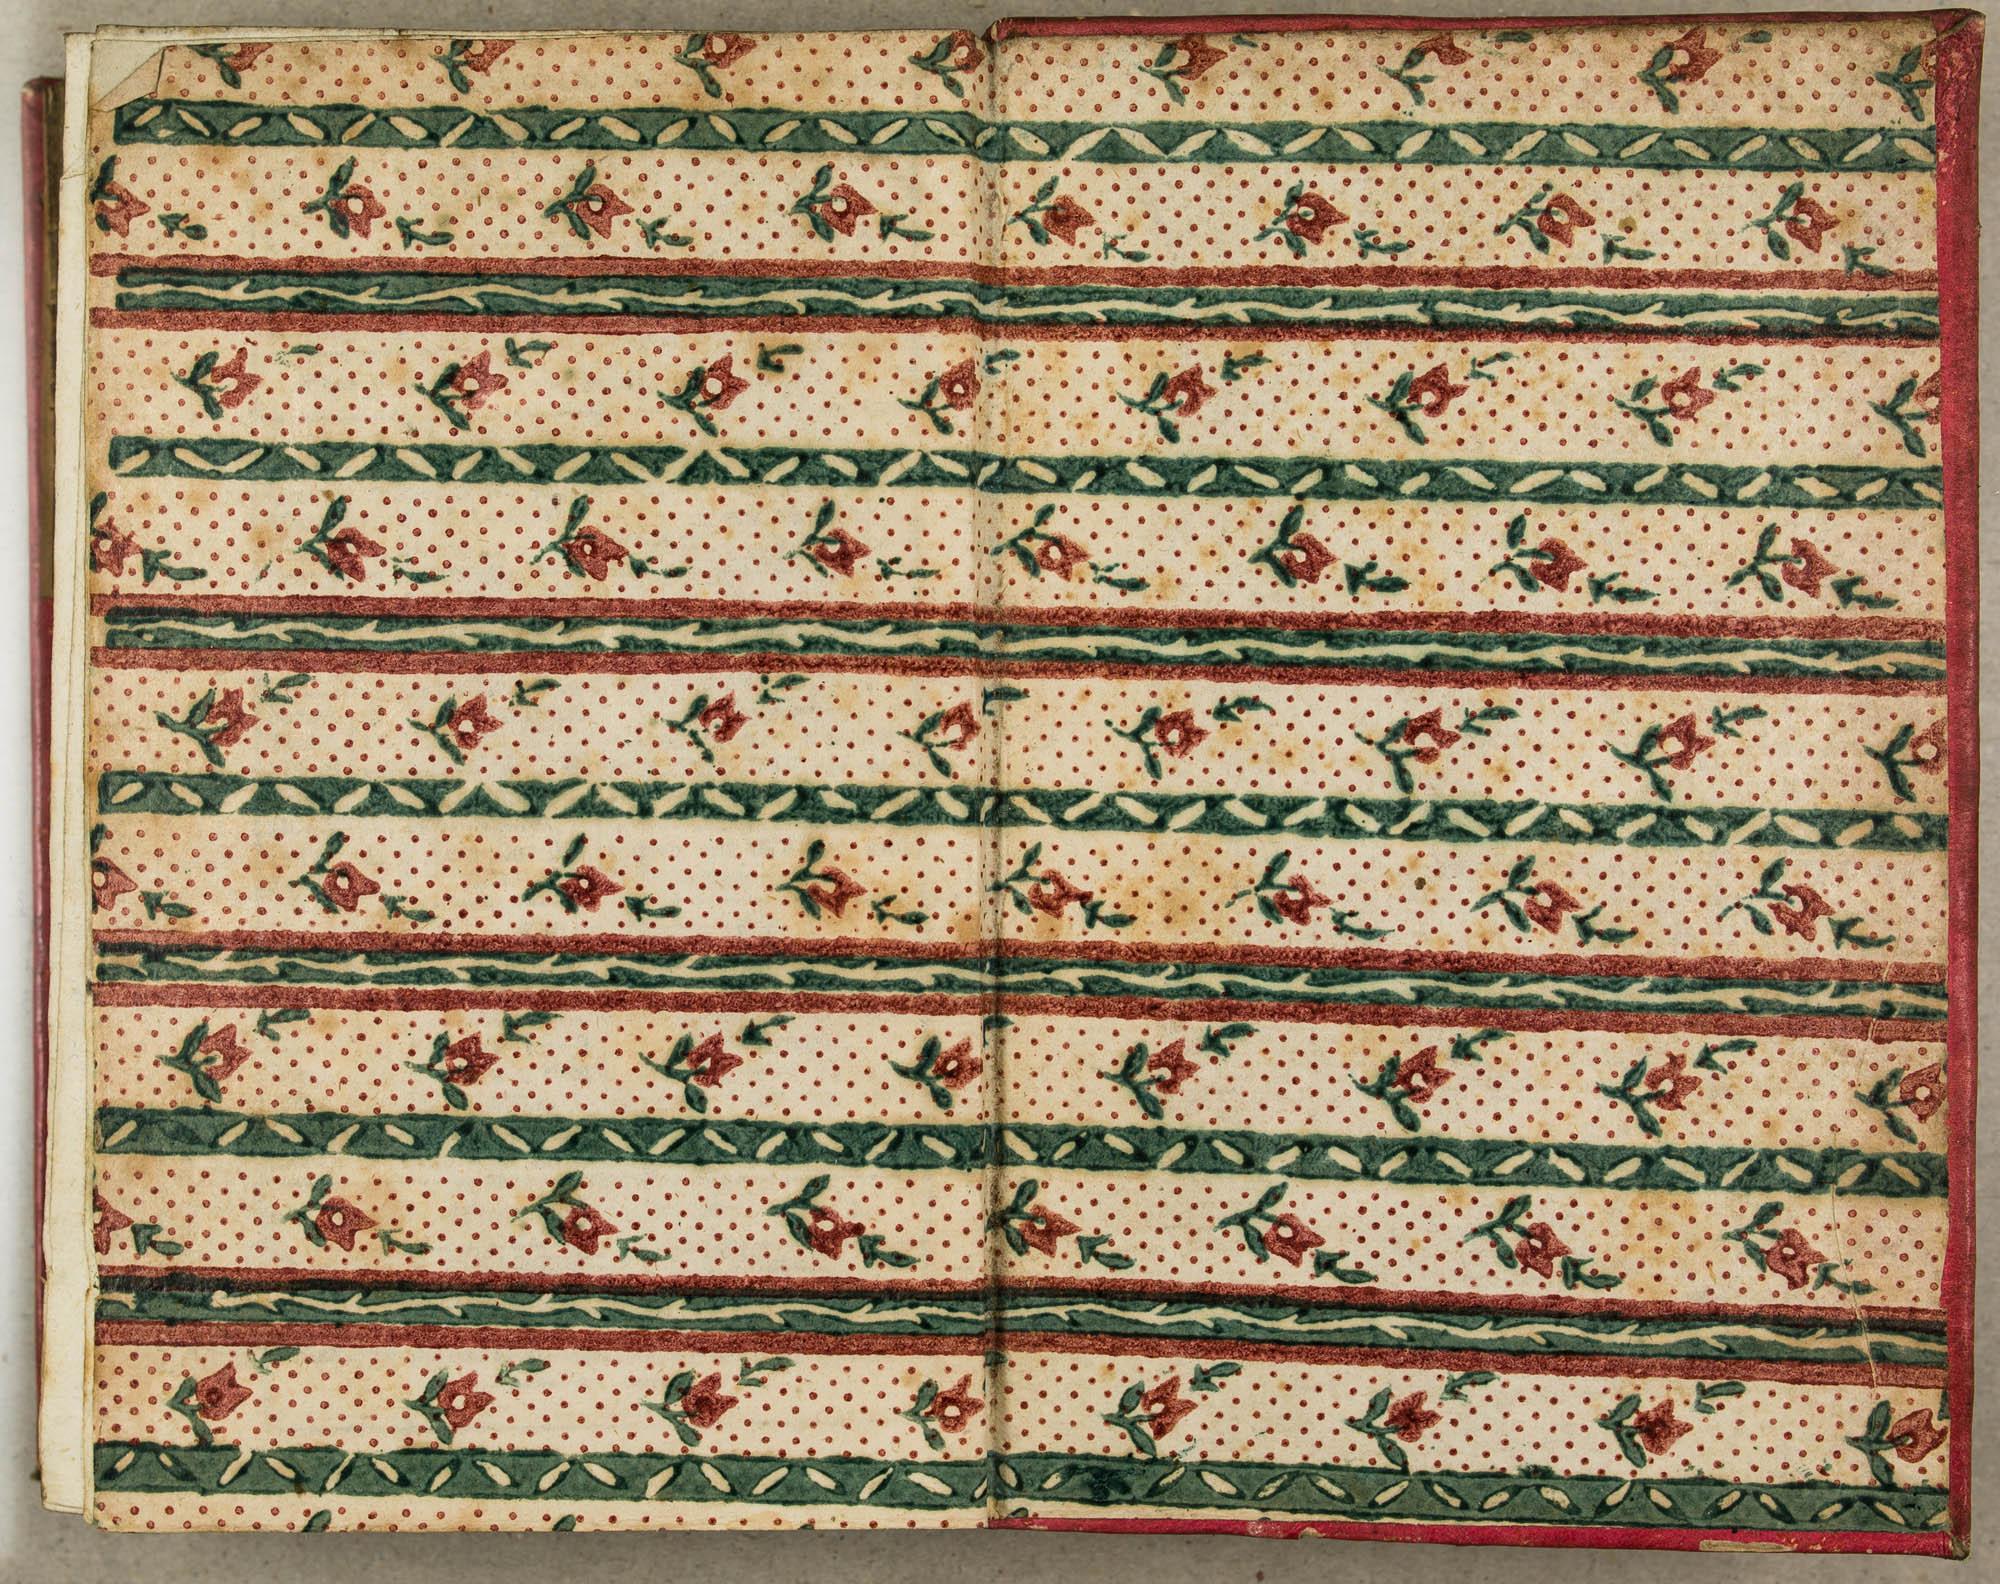 Impression en rouge, puis en vert. Premières années du XIXe s.